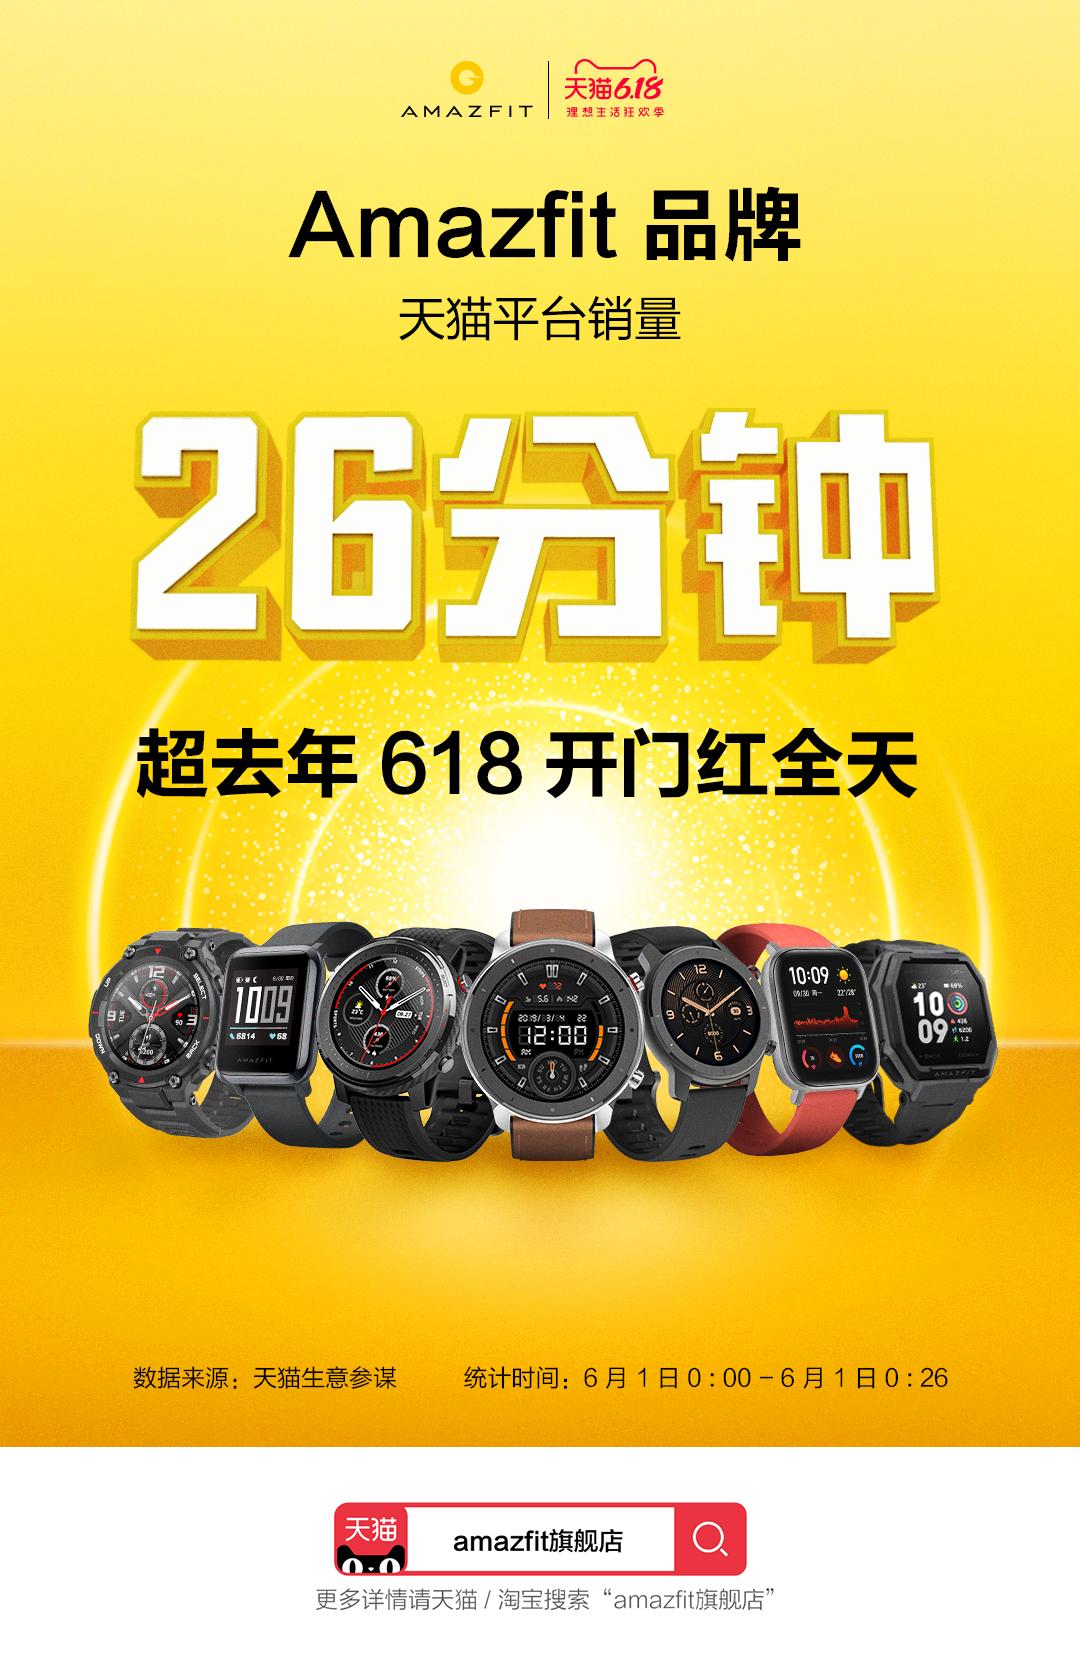 华米科技公布 618 开门红战报,Amazfit 智能手表刷新销售速度